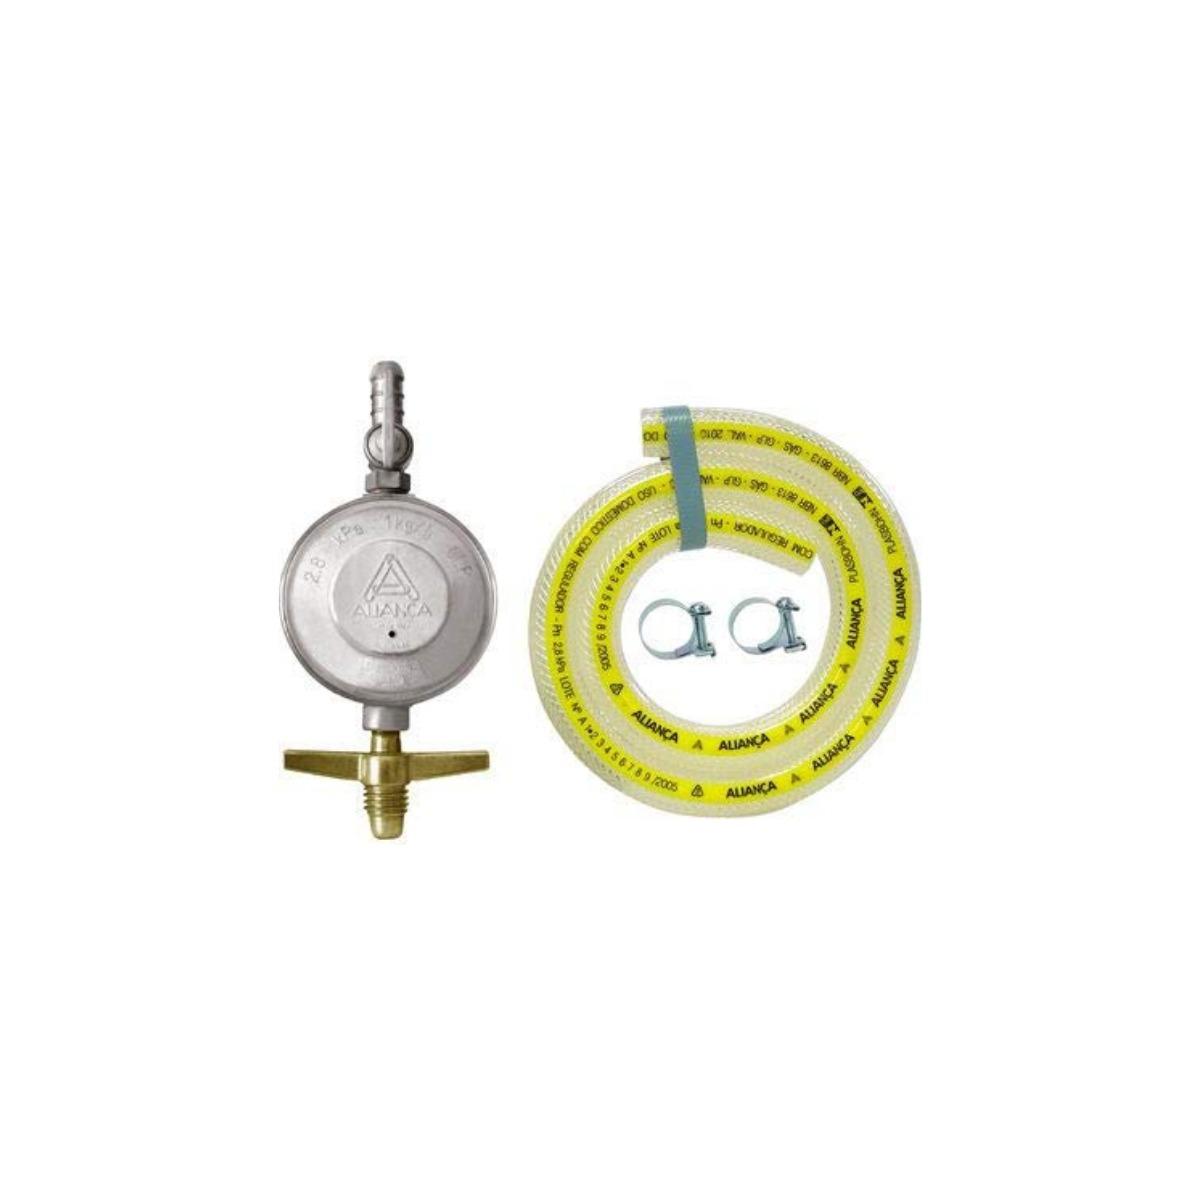 Kit Registro Regulador de Gás com Mangueira 80cm 505/01 Aliança